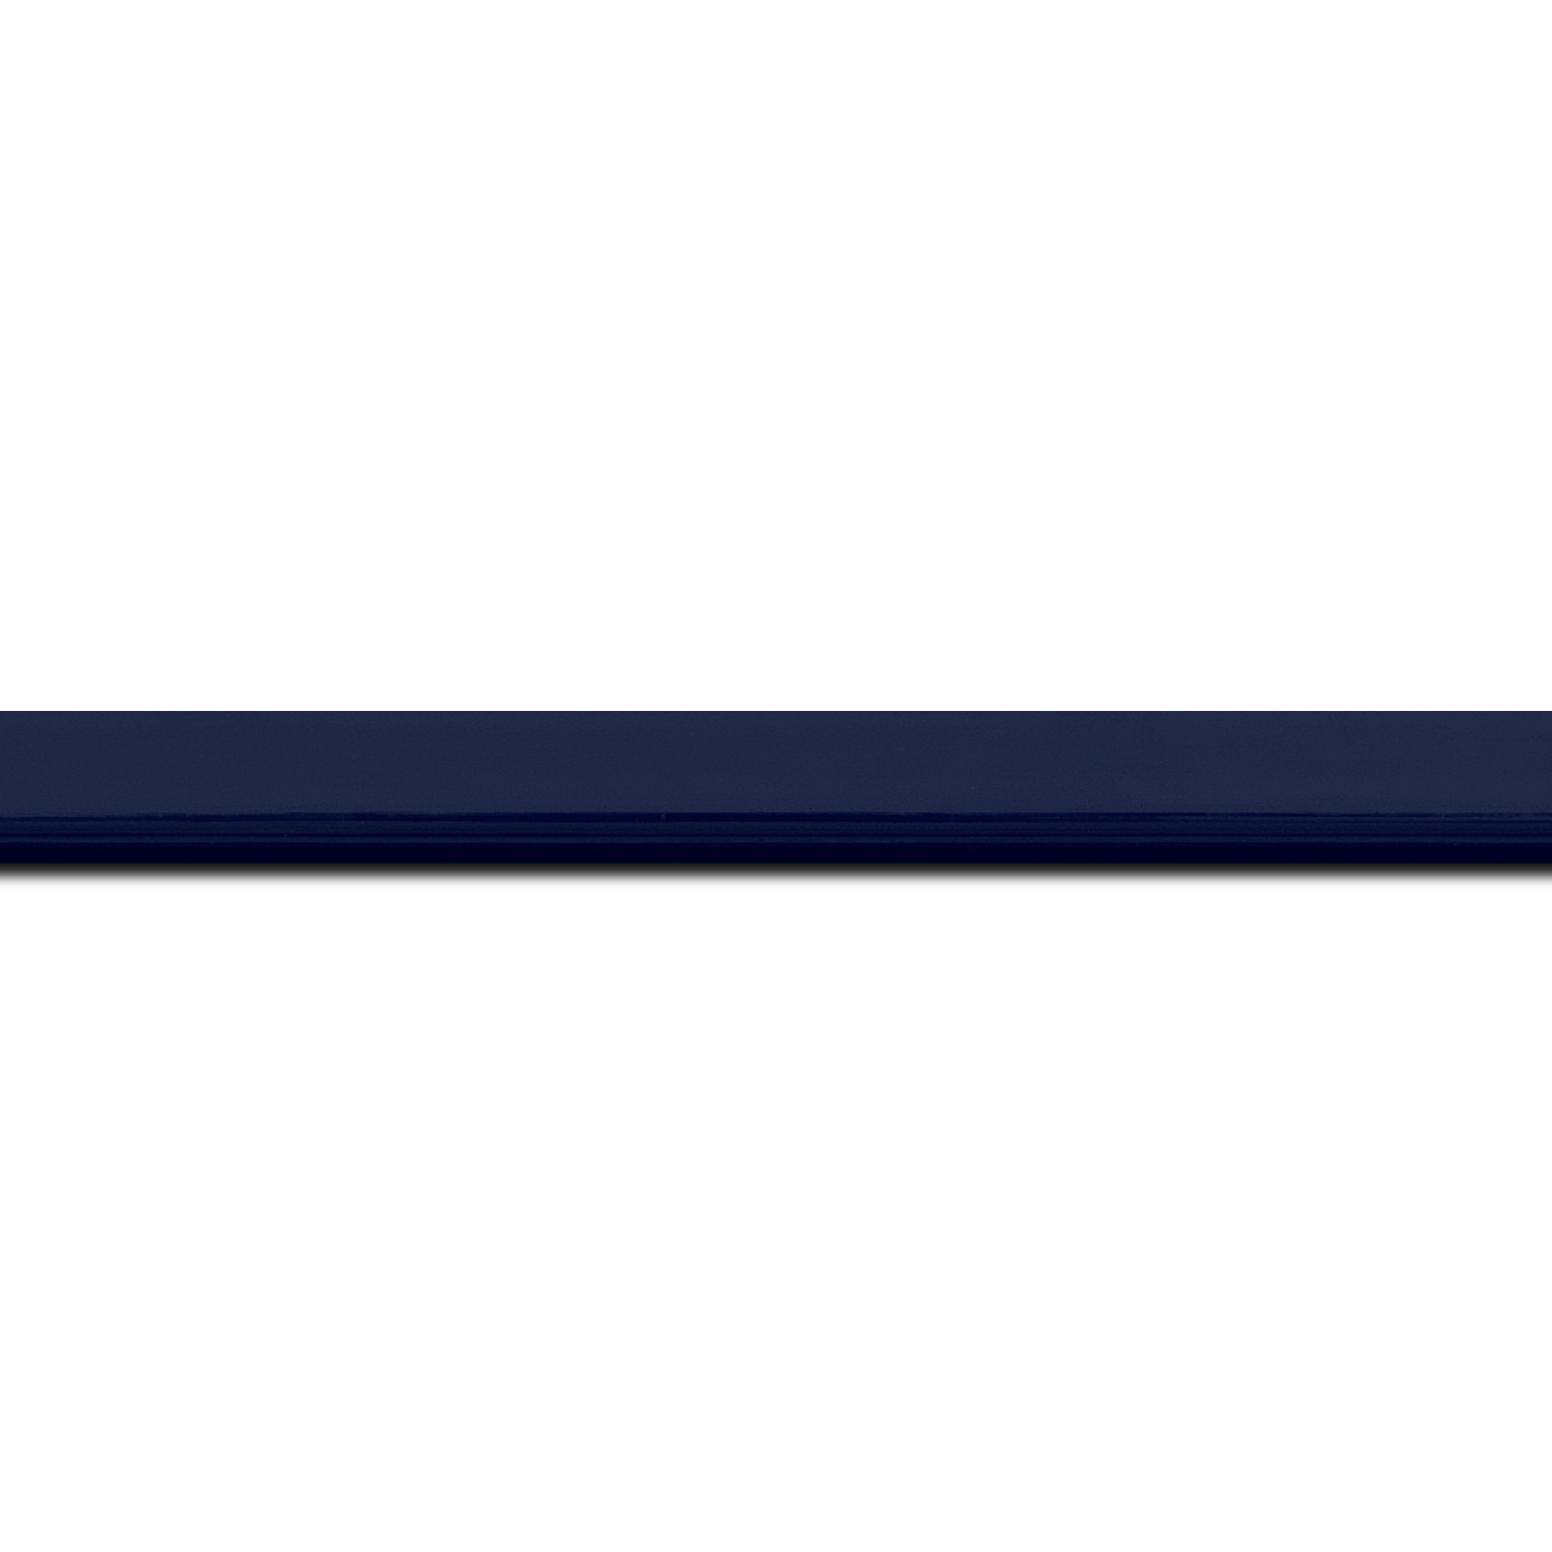 Pack par 12m, bois profil méplat largeur 1.4cm couleur bleu nuit foncé laqué (longueur baguette pouvant varier entre 2.40m et 3m selon arrivage des bois)